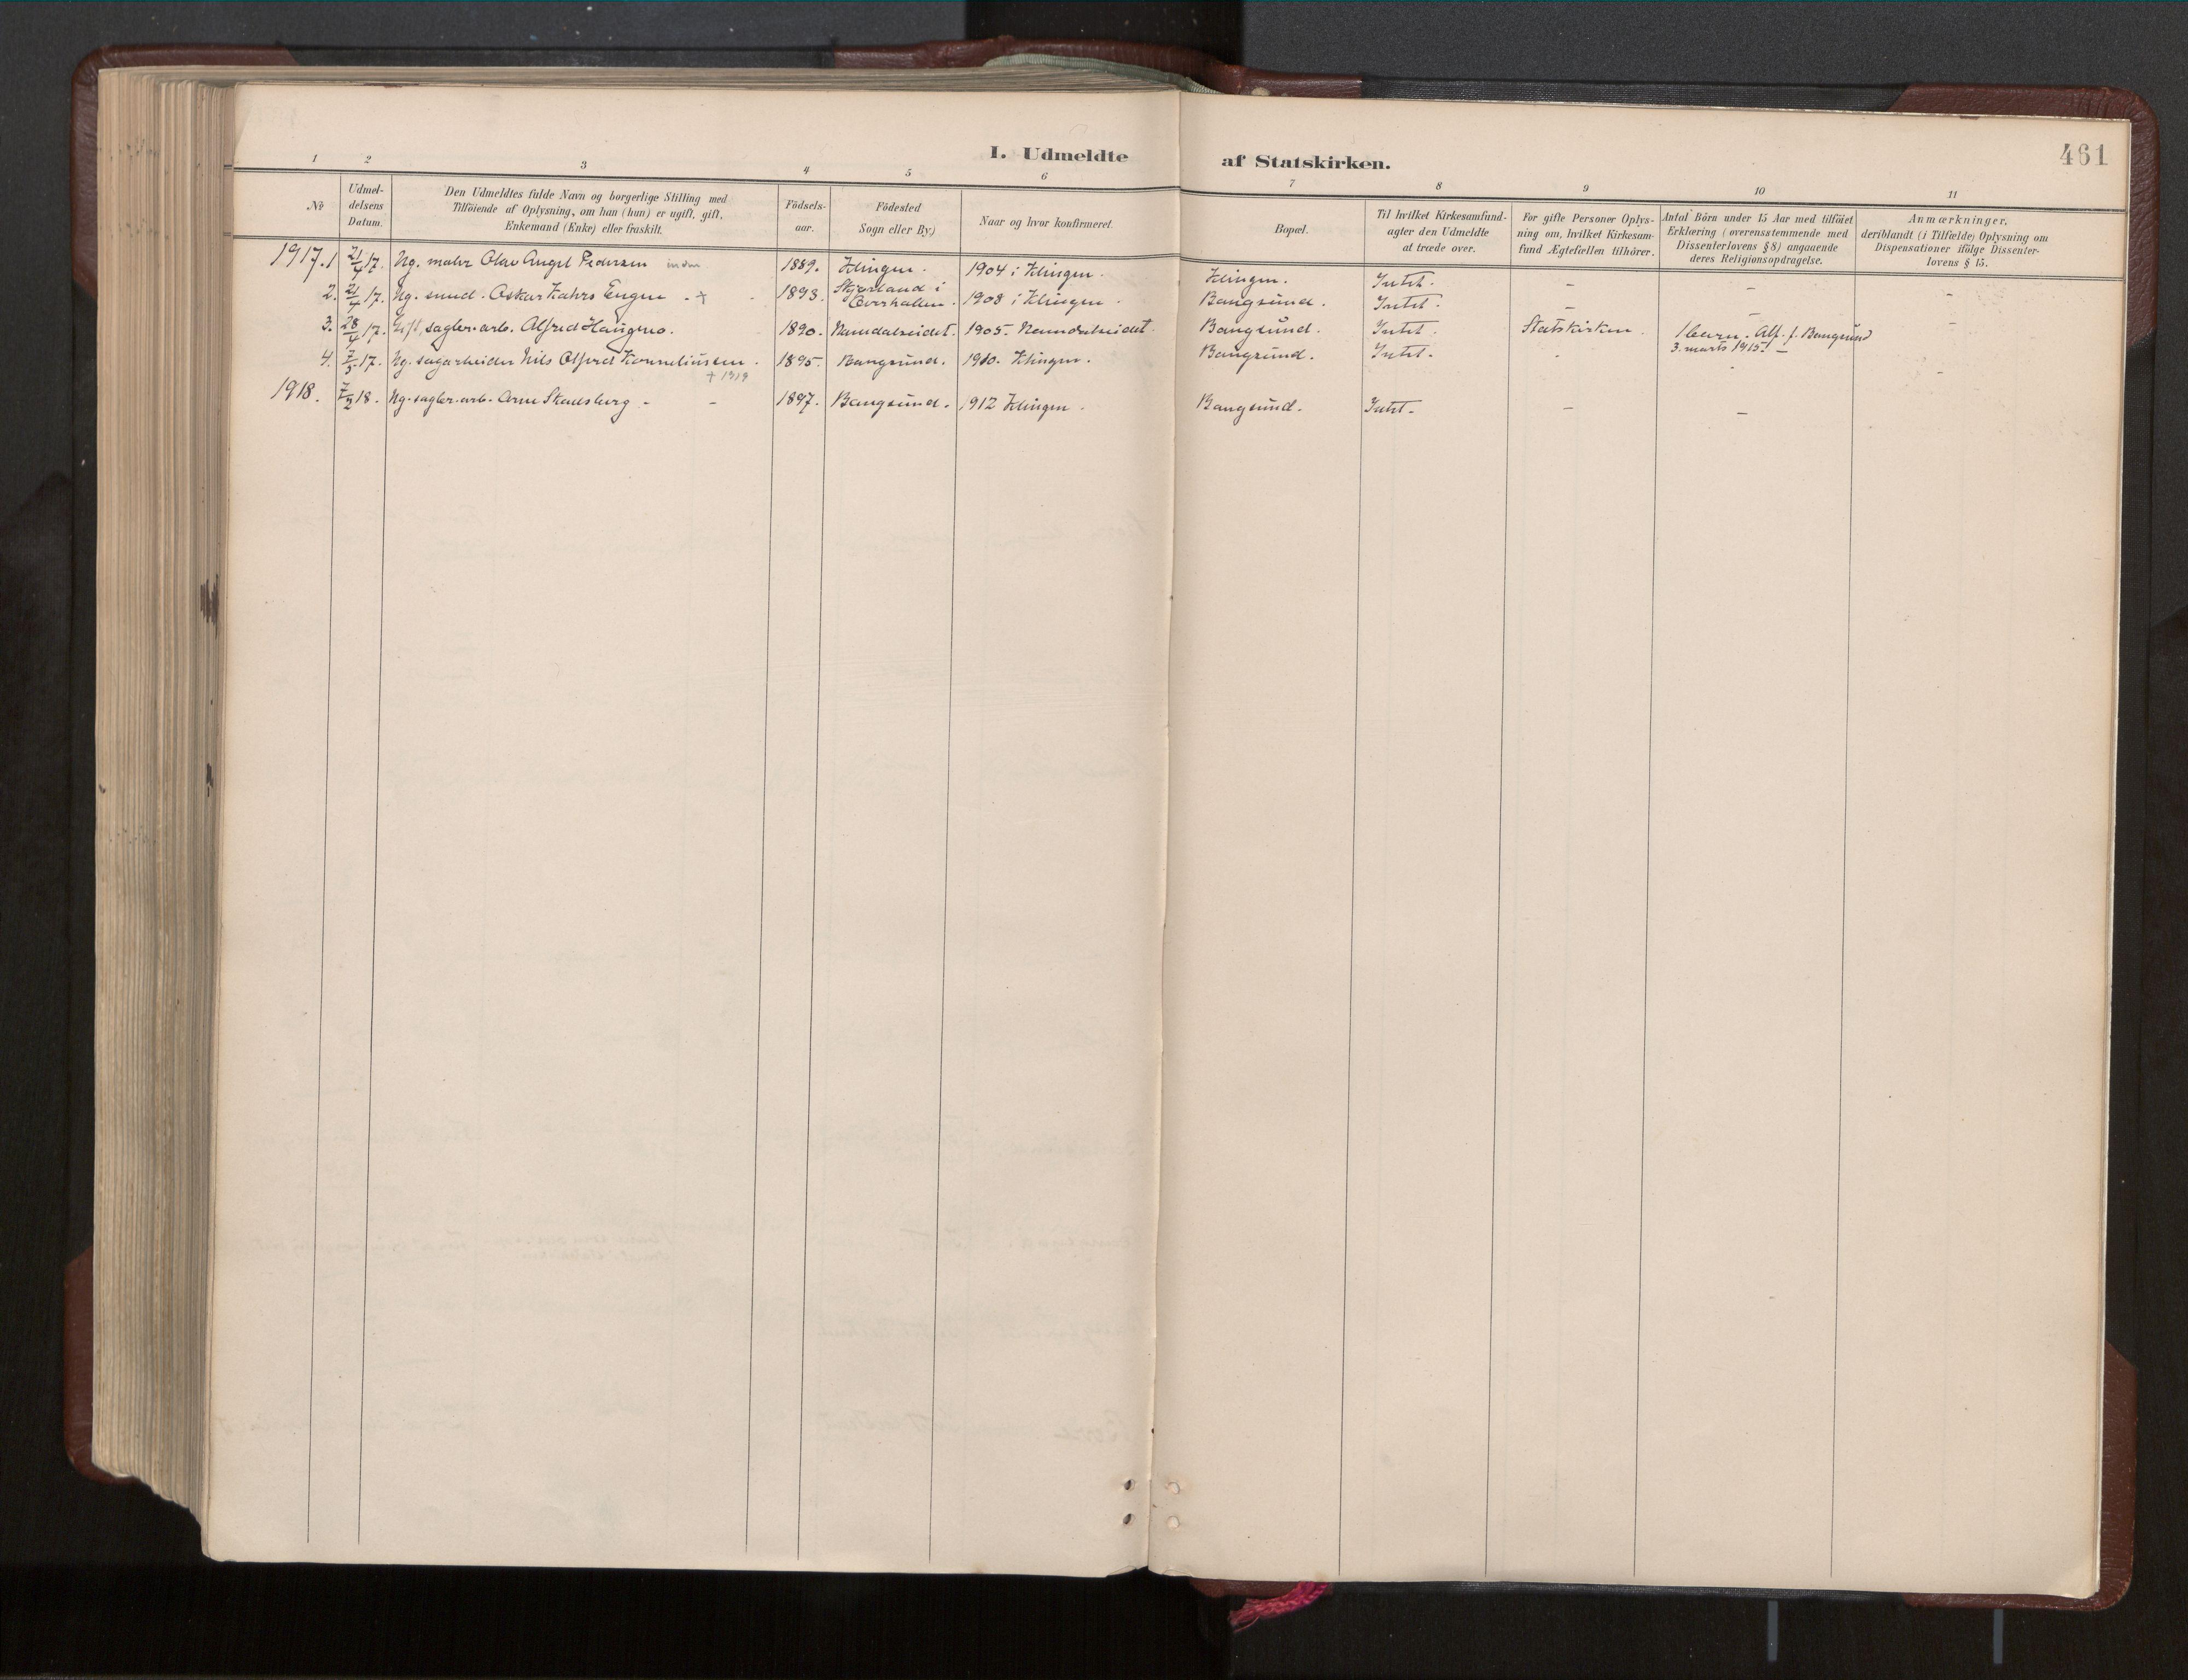 SAT, Ministerialprotokoller, klokkerbøker og fødselsregistre - Nord-Trøndelag, 770/L0589: Ministerialbok nr. 770A03, 1887-1929, s. 461